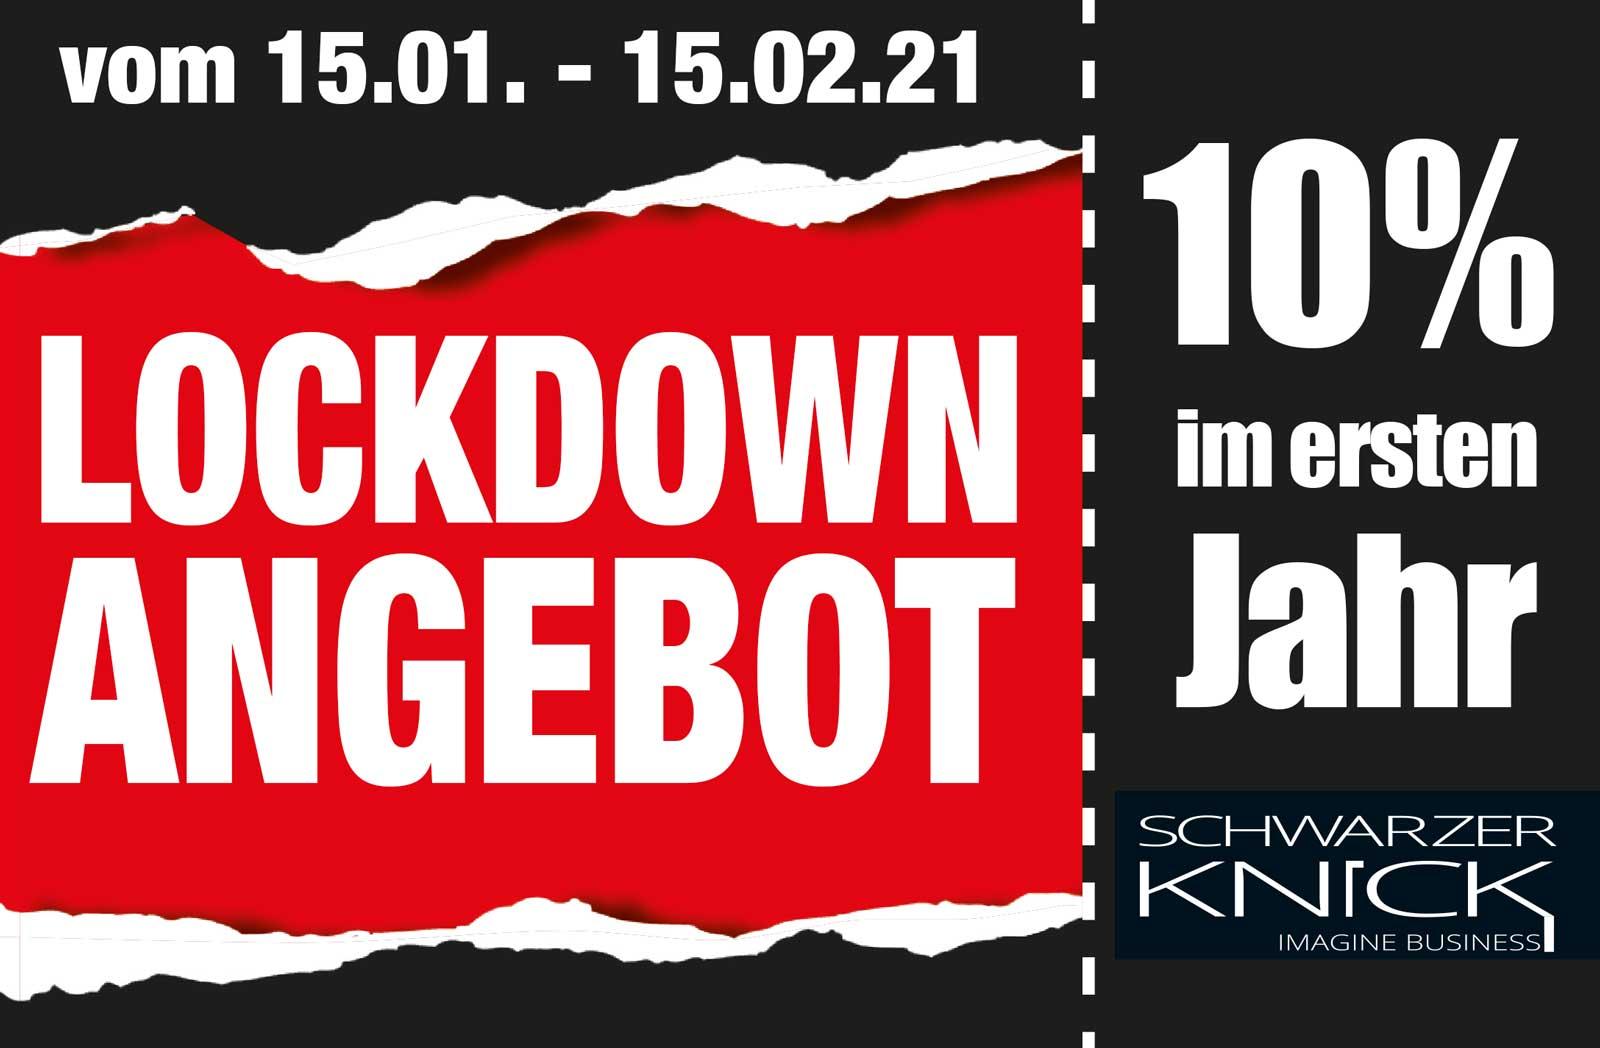 Lockdown Angebot Schwarzer-Knick